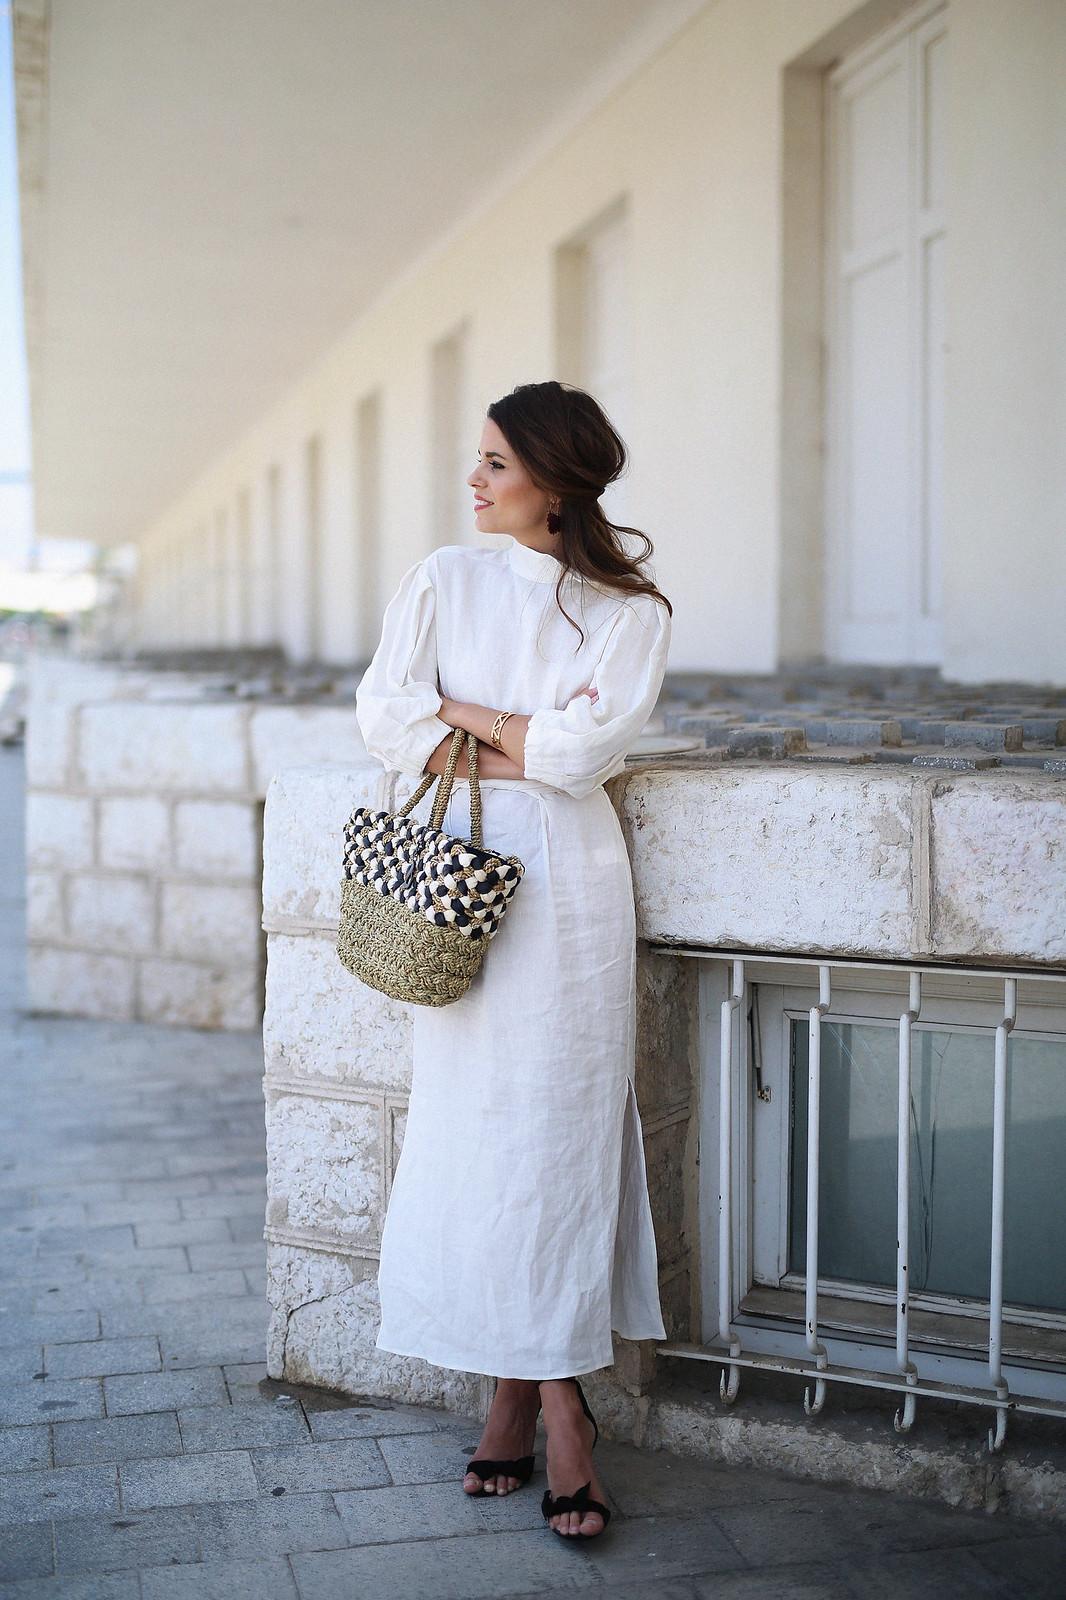 jessie chanes seams for a desire zara vestido lino capazo rafia-10